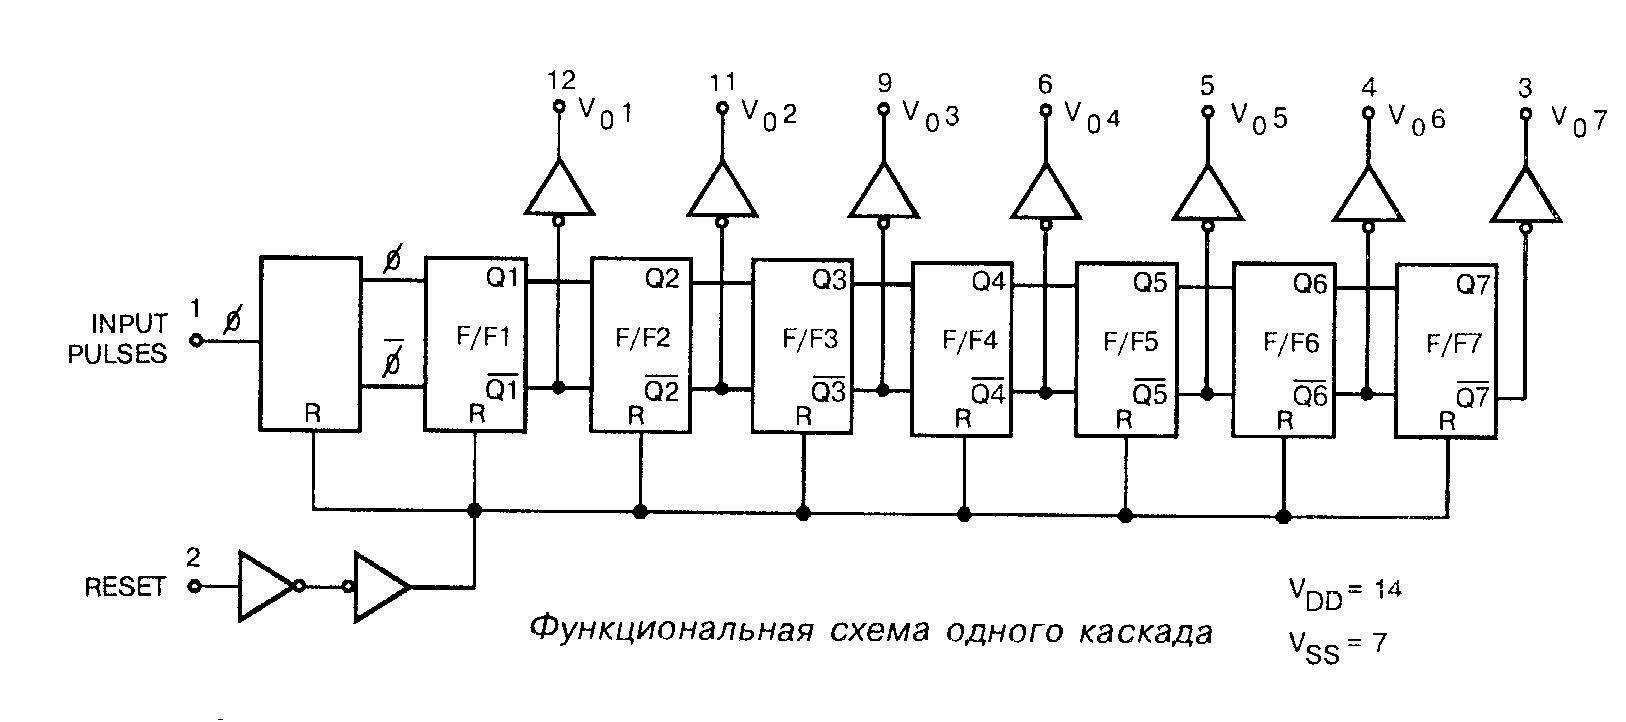 4024 - функциональная схема одного каскада